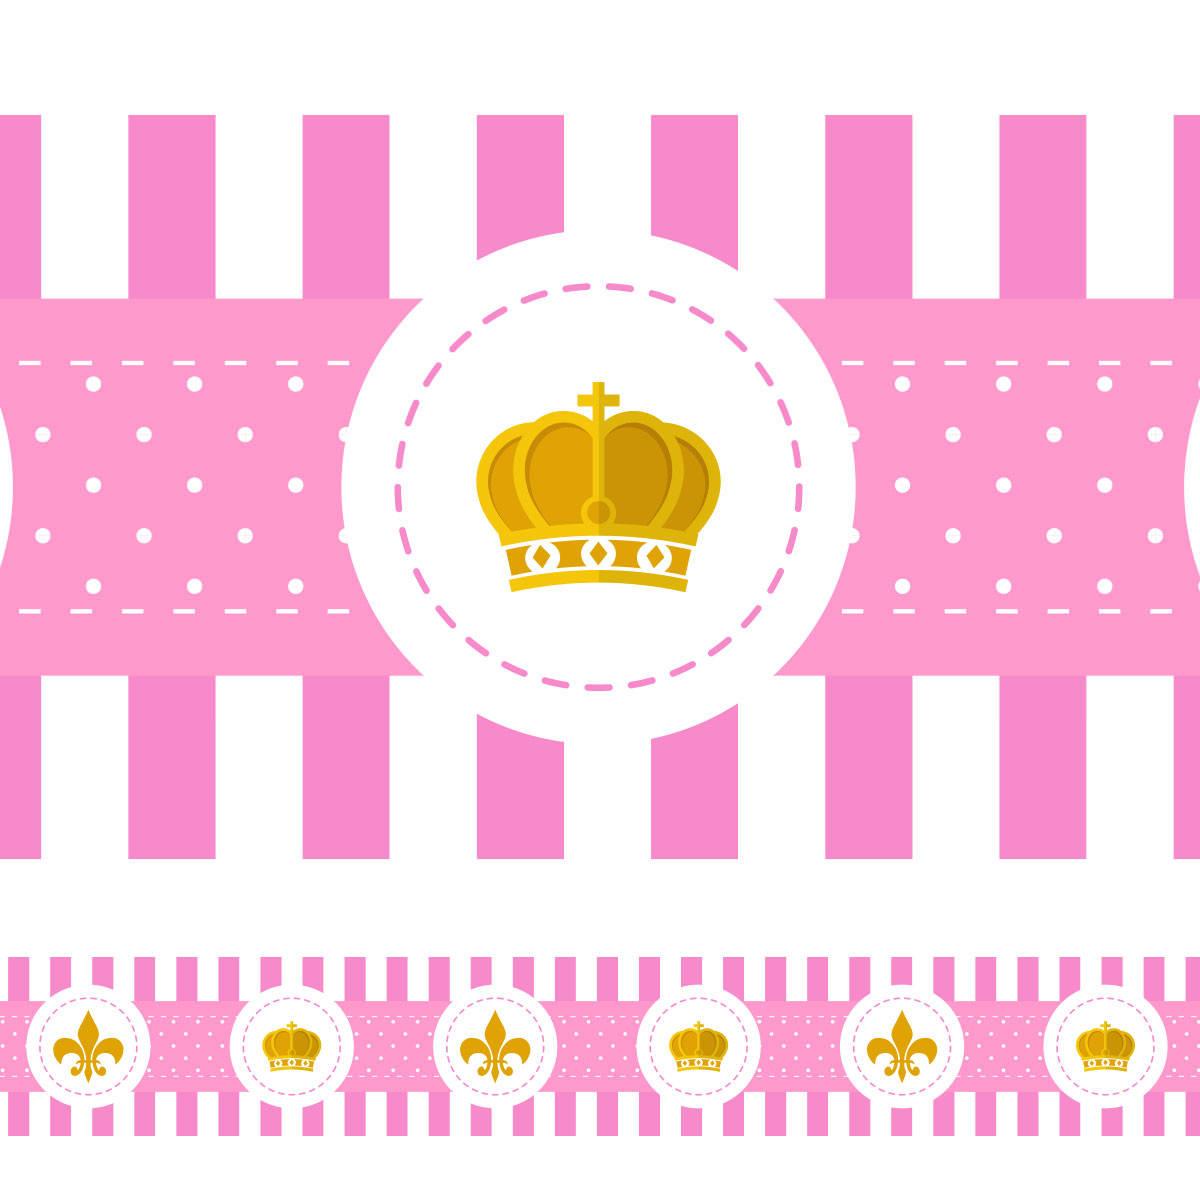 Faixa Decorativa Coroa e Flor de Lis Coroa - Rosa